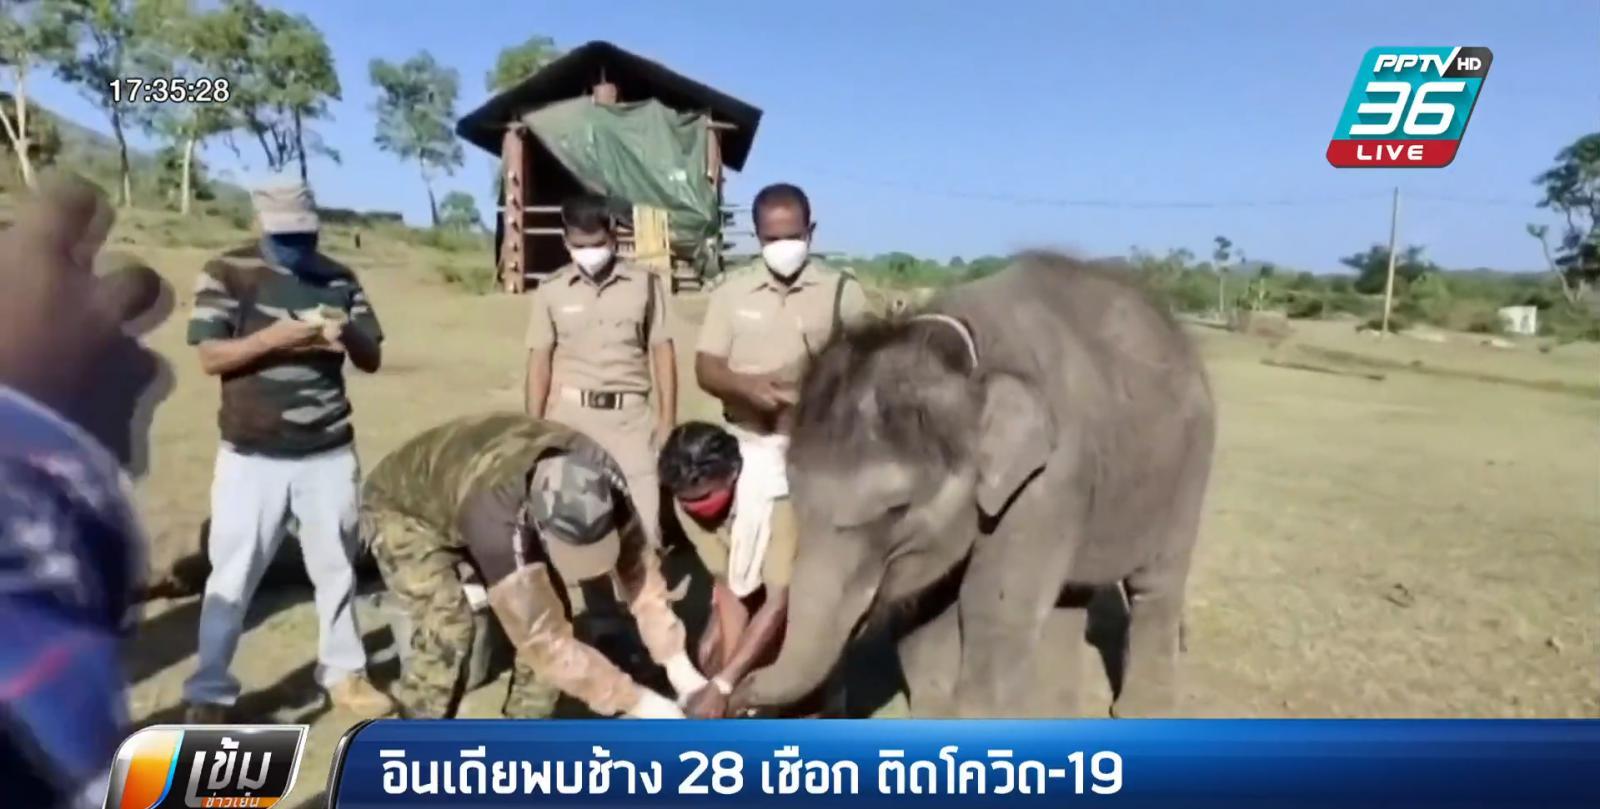 อินเดีย พบช้าง 28 เชือก ติดโควิด-19